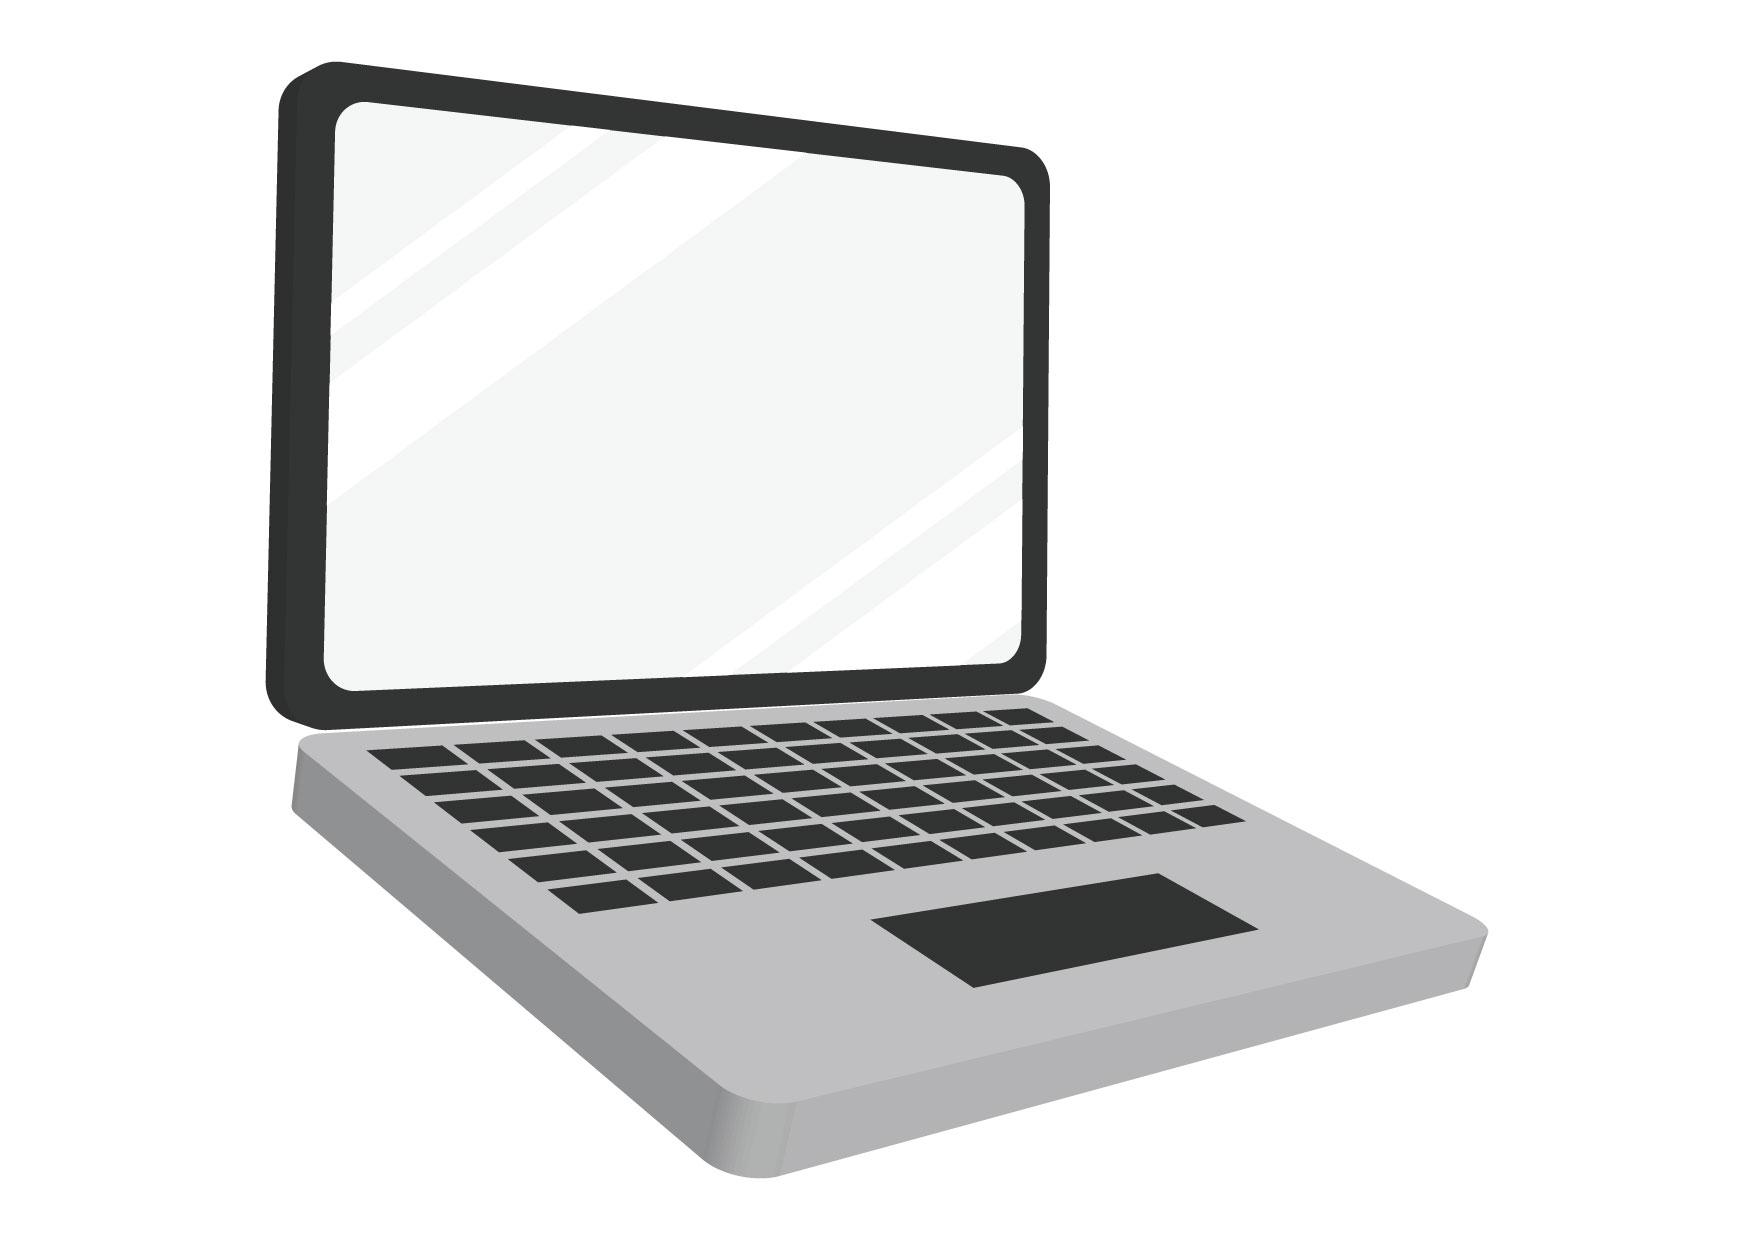 パソコンのイラスト